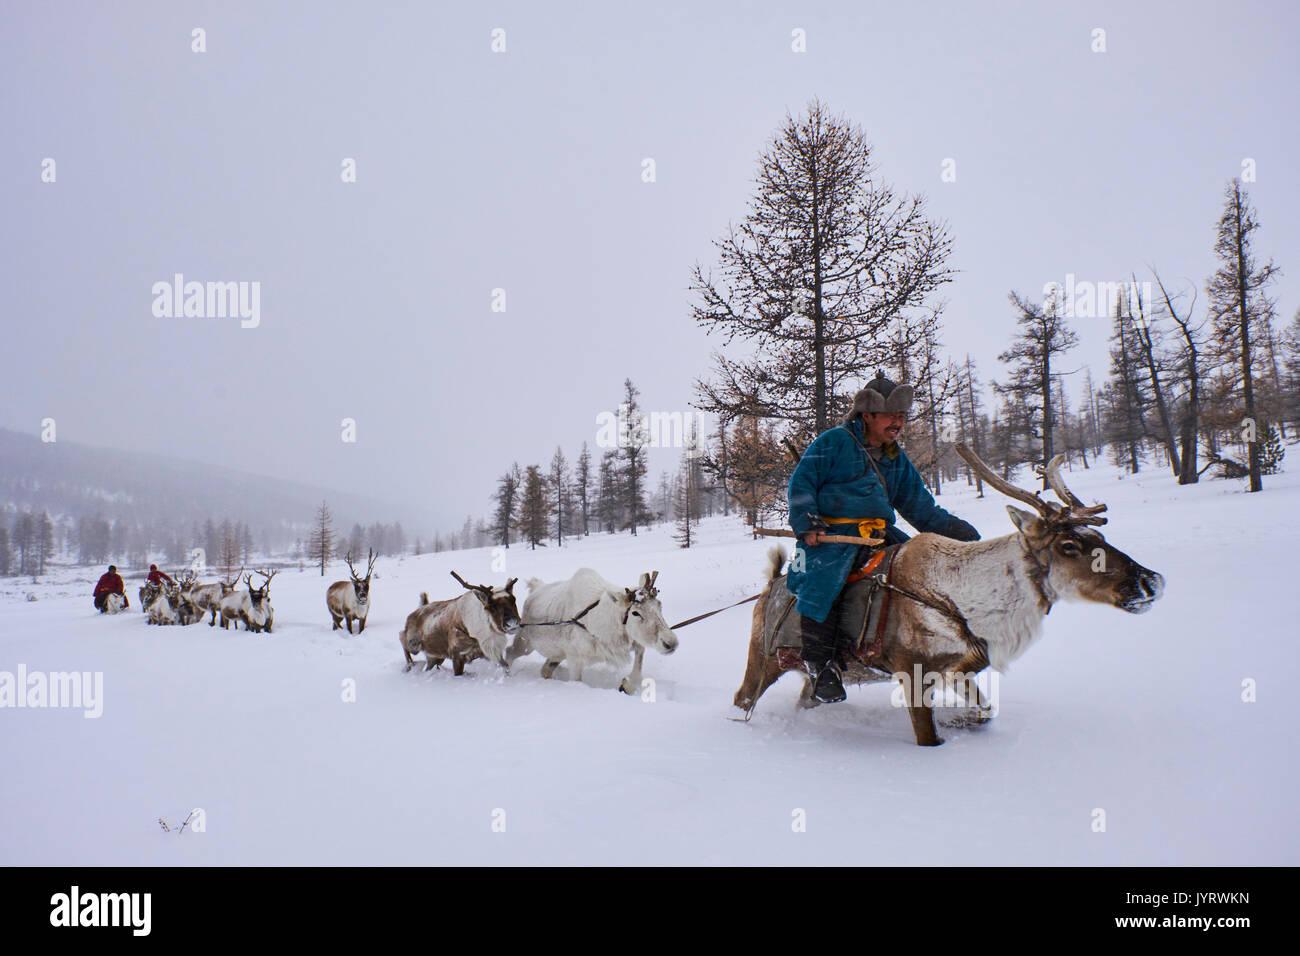 Mongolia, Khovsgol provincia, Tsaatan, renne herder, migrazione invernale, la transumanza Immagini Stock